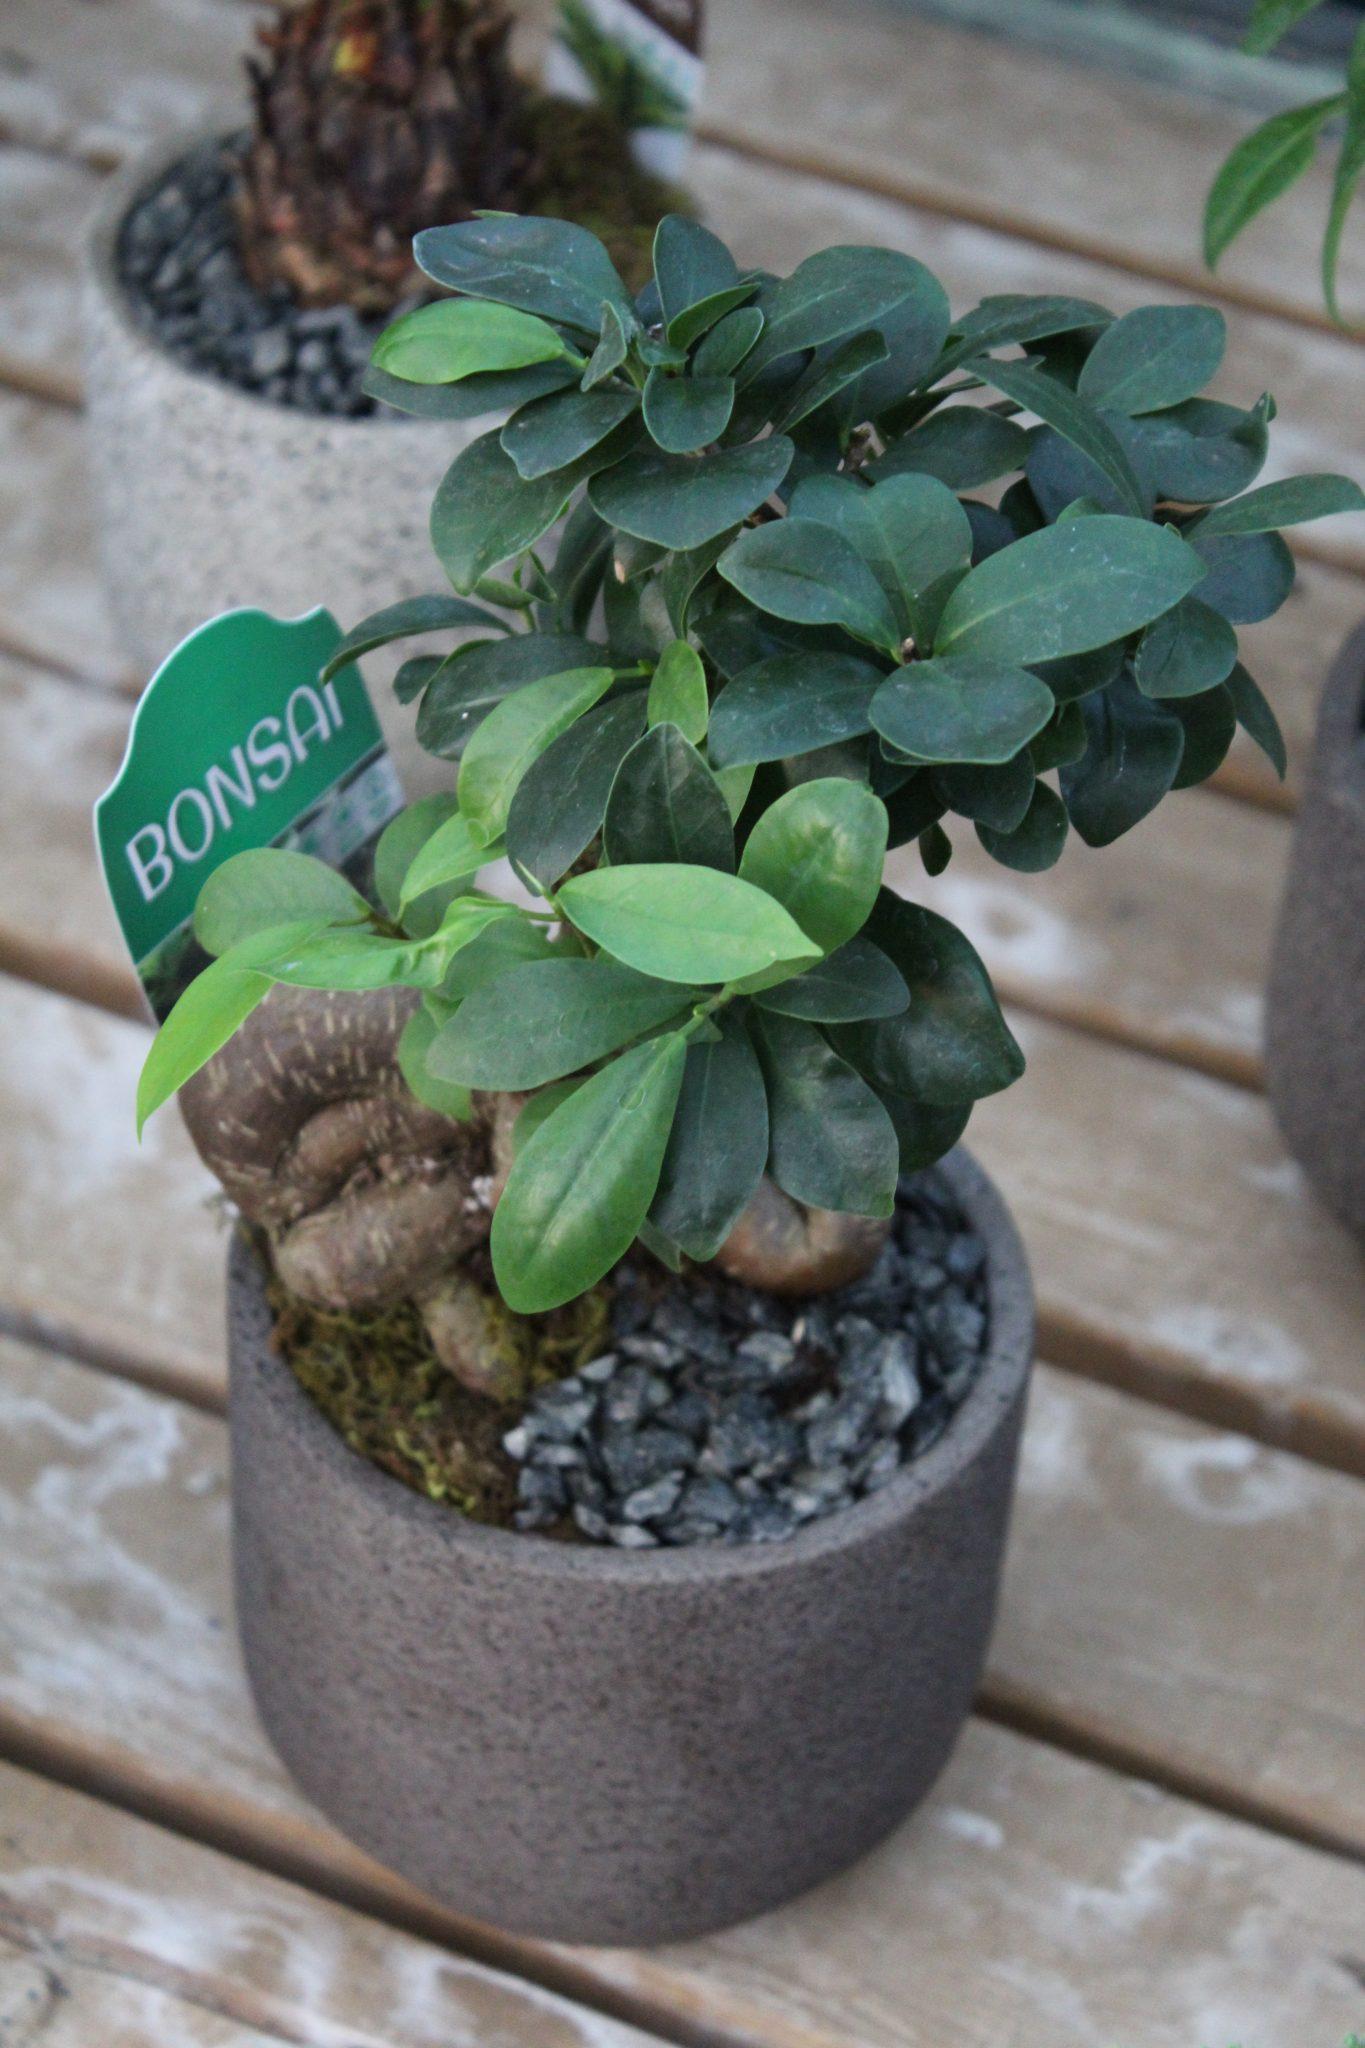 Bonsai 'Dora Pot' - Assorted Varieties